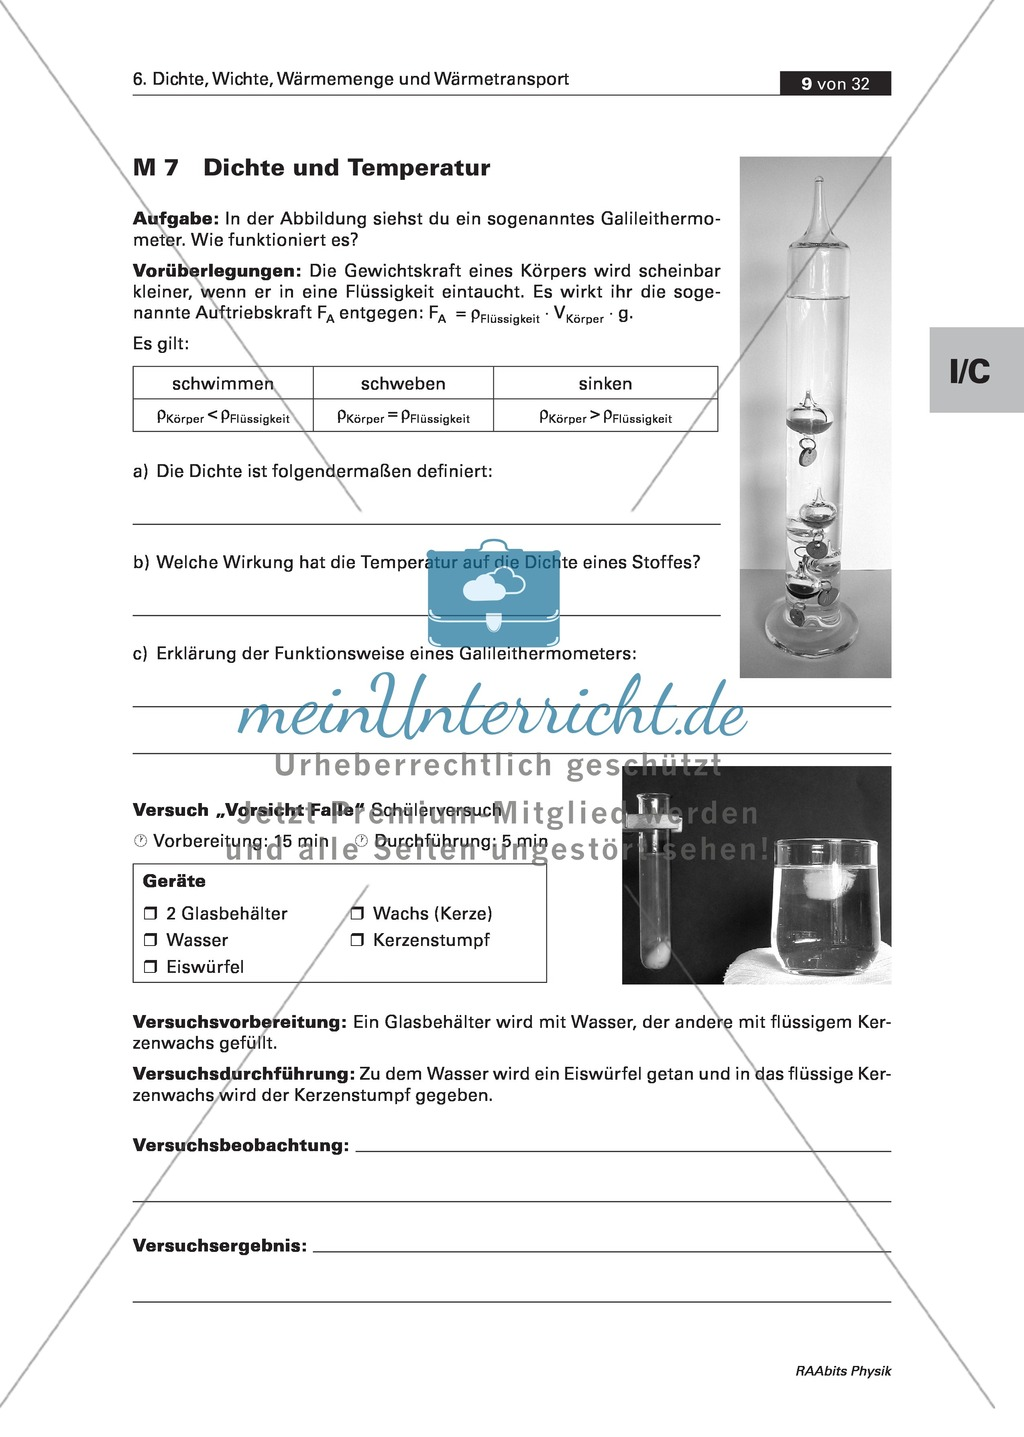 Dichte und Temperatur - Am Beispiel Galileithermometer - meinUnterricht